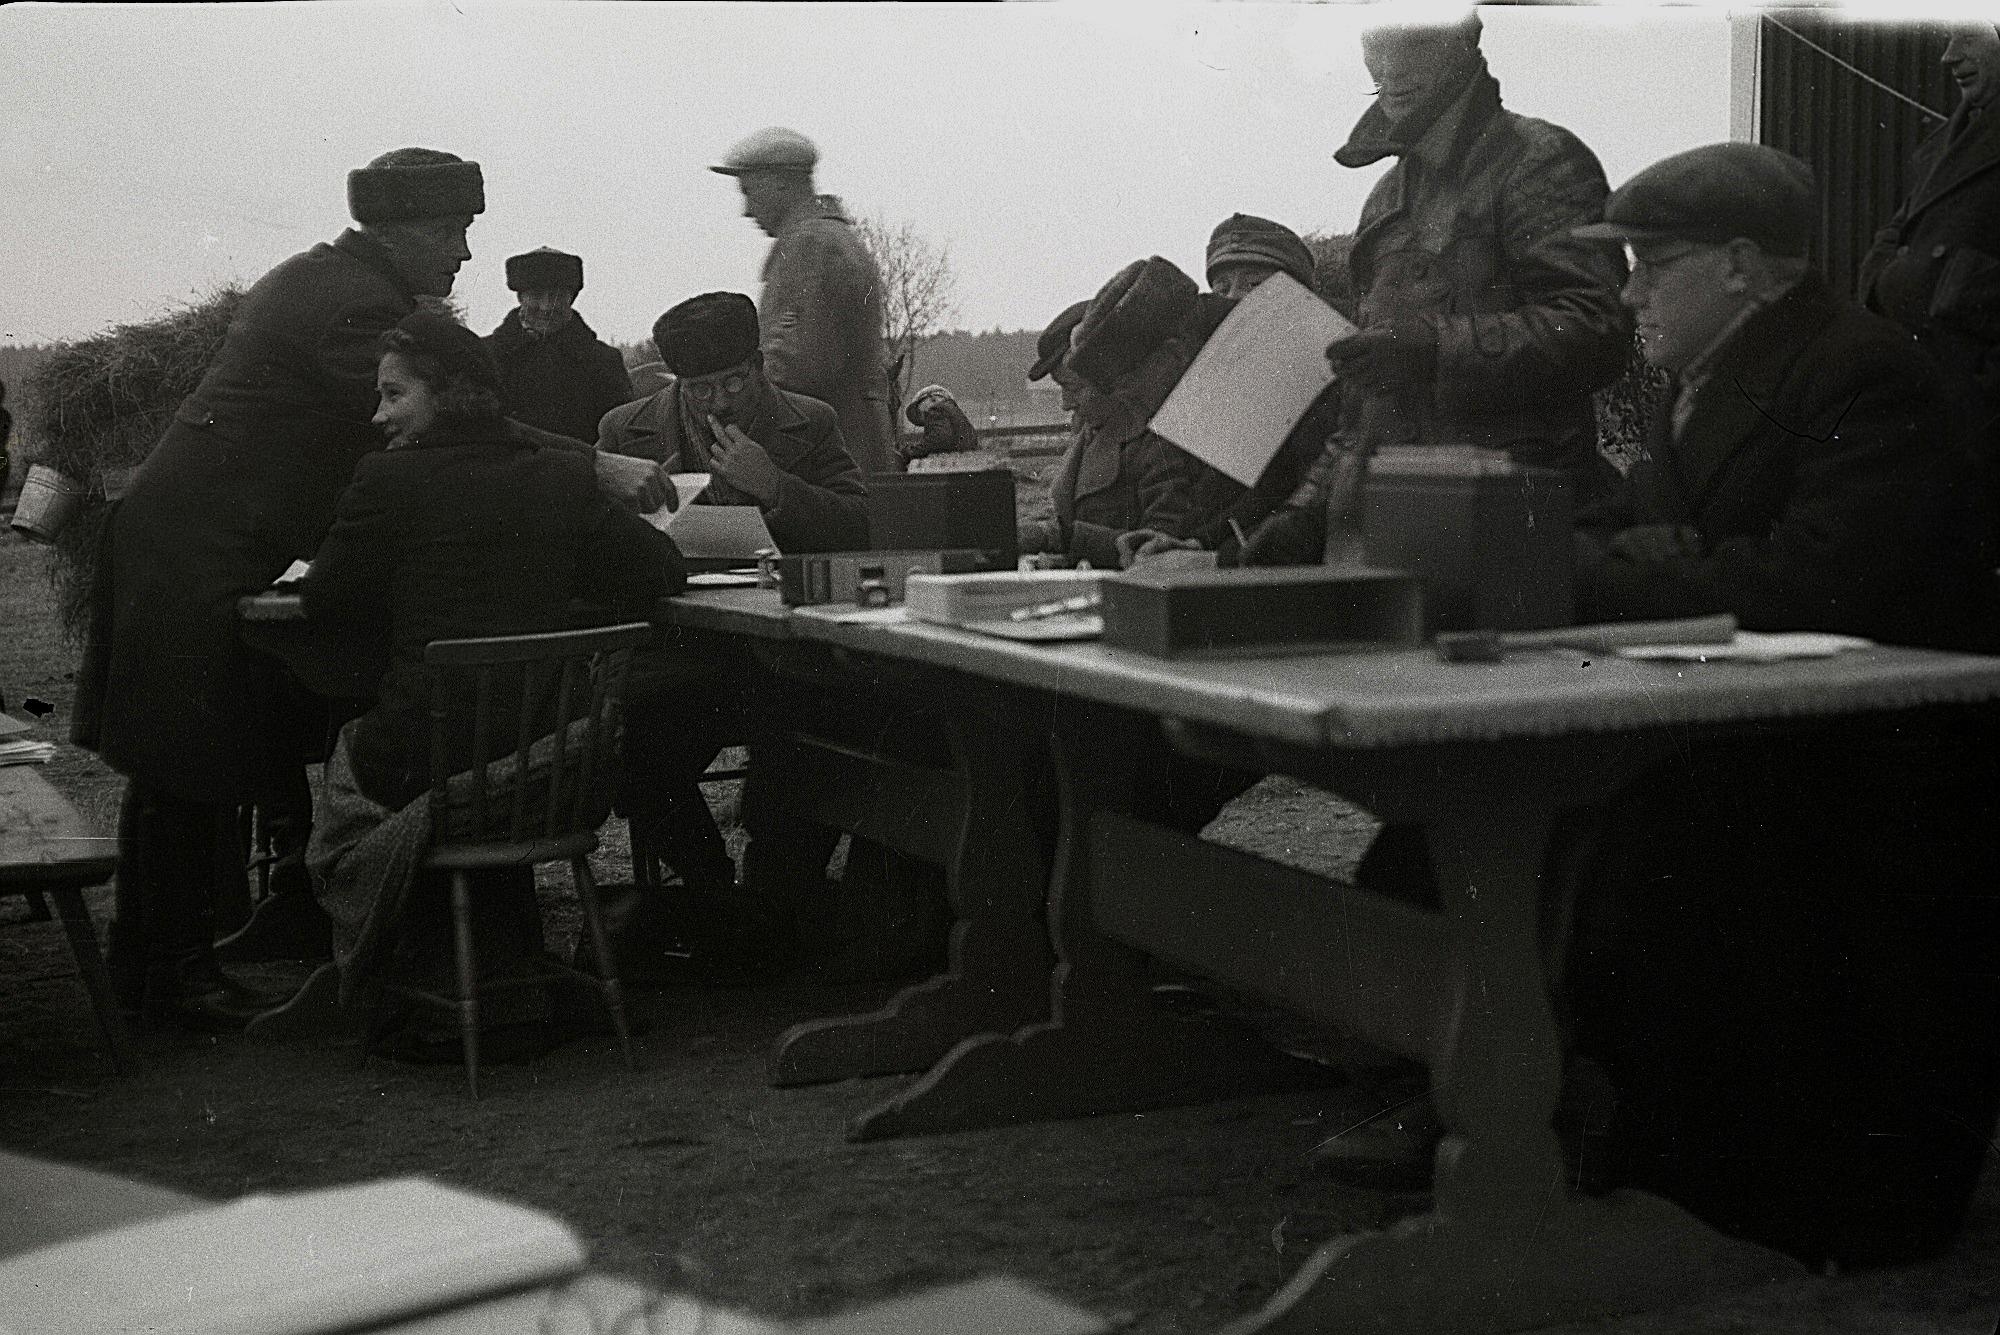 Här sker själva utskrivningen och granskningen att allt är med. Vid bordsändan sitter Emil Ekman och till vänster står Erland Klockars. Foto Selim Björses år 1939.